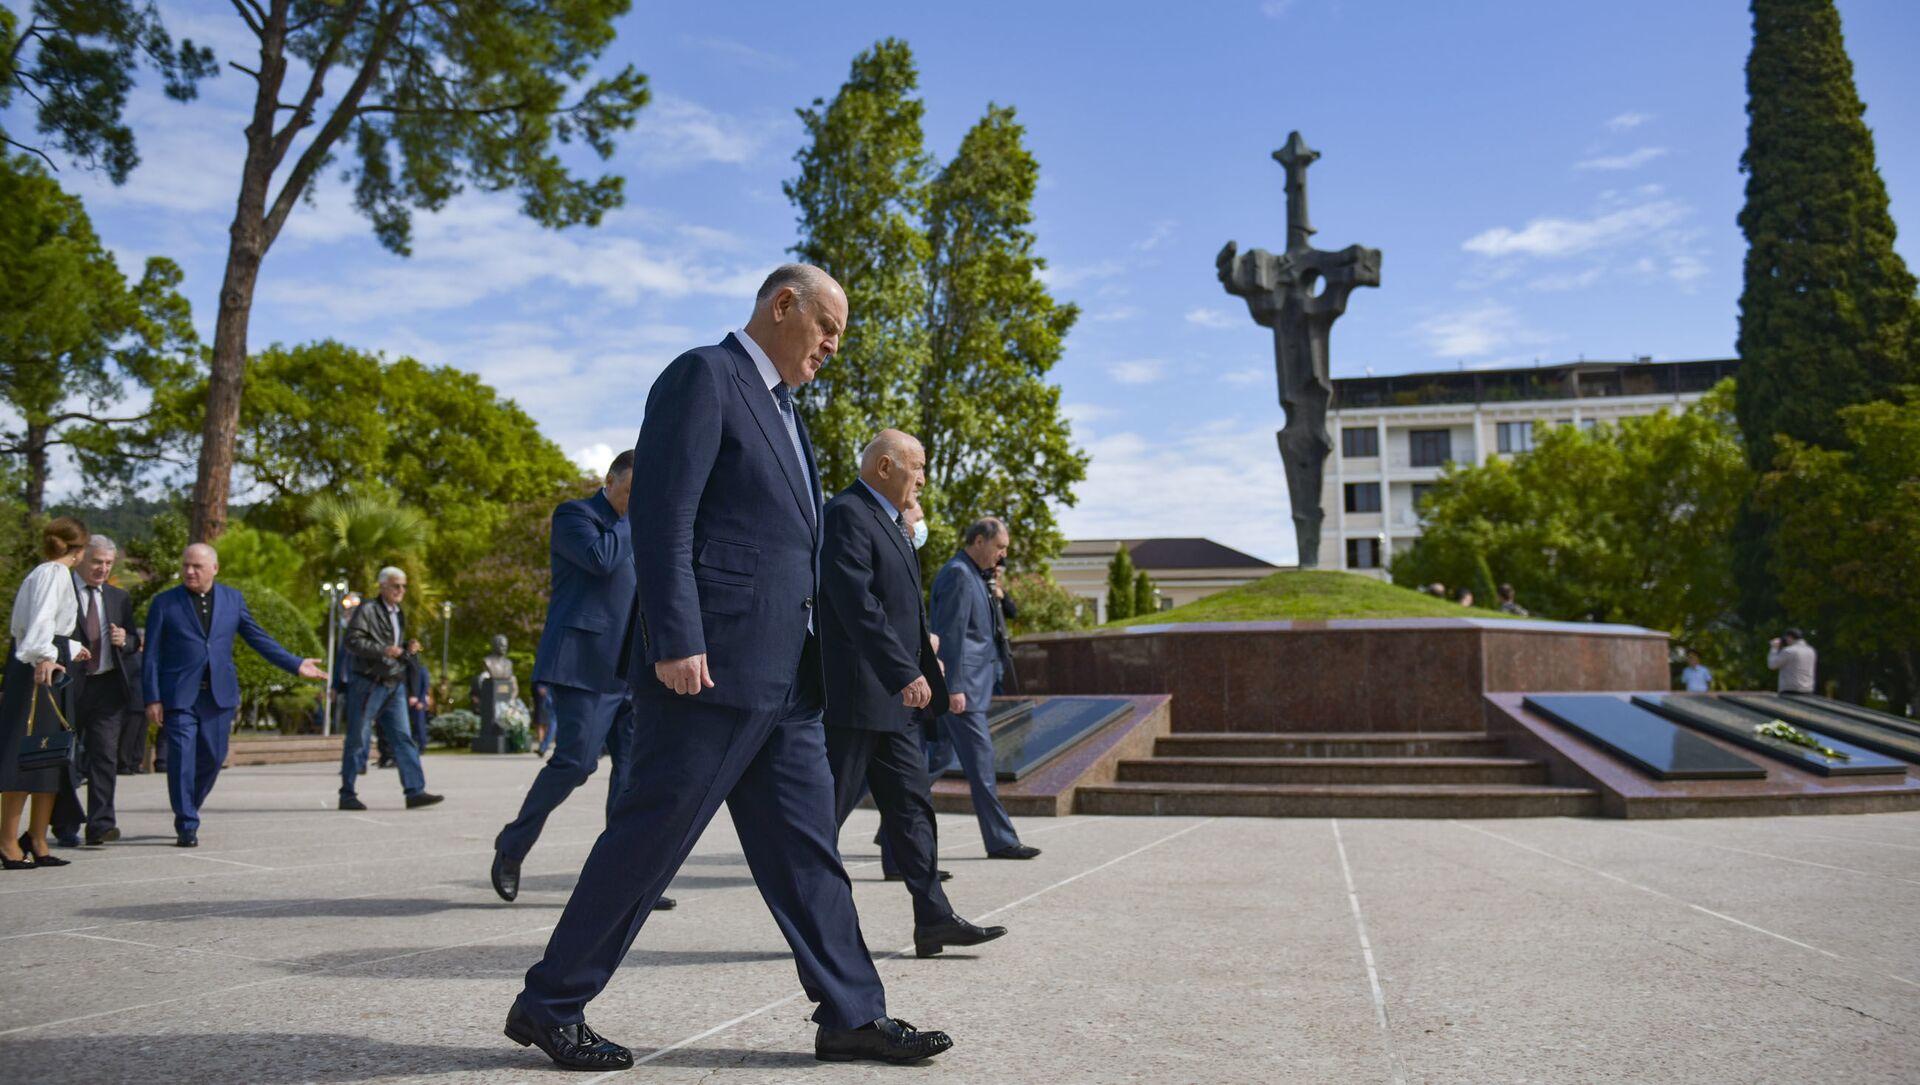 Руководство страны возложило цветы к мемориалу в Парке Славы в Сухуме  - Sputnik Абхазия, 1920, 27.09.2021